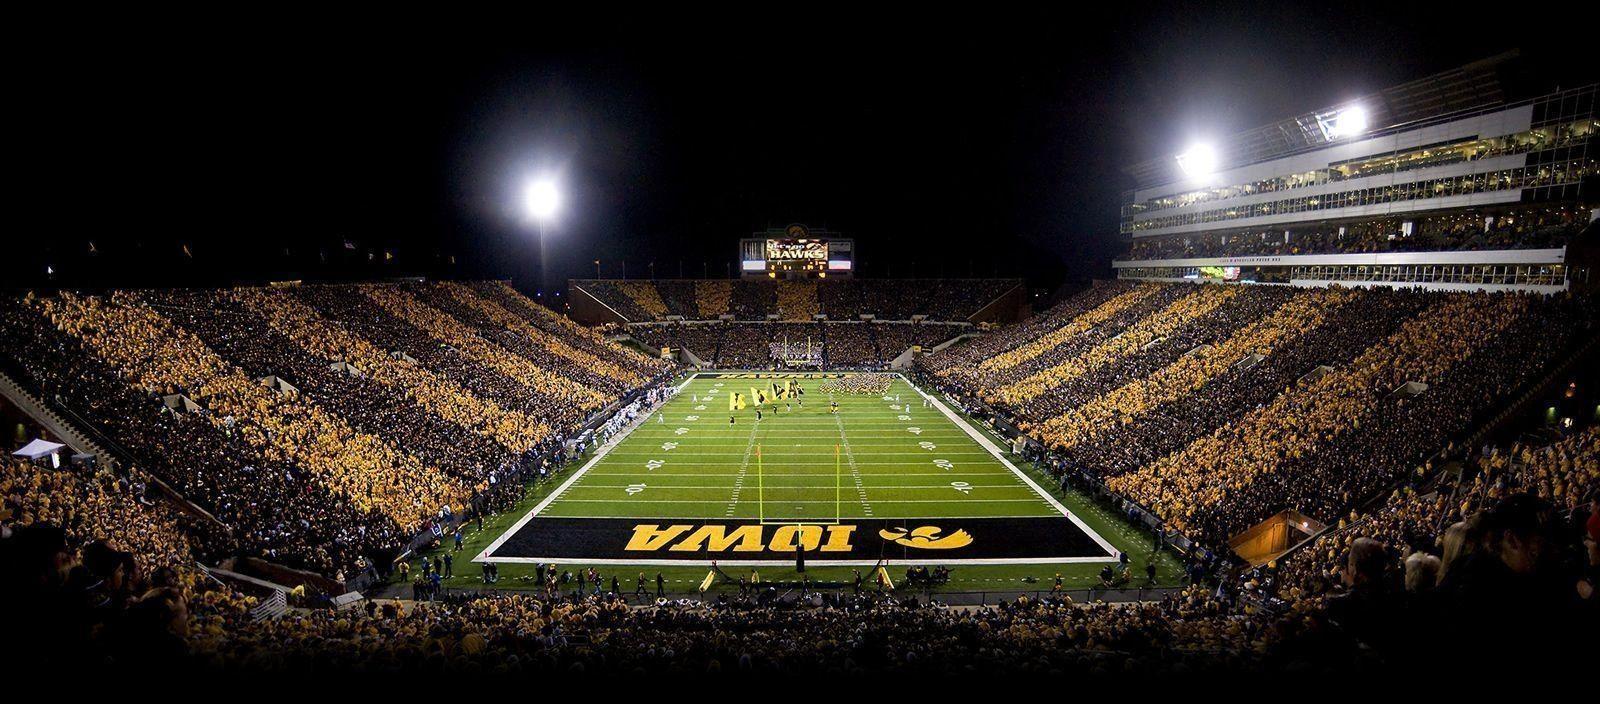 10 Best Iowa Hawkeyes Football Wallpaper Full Hd 1080p For Pc Desktop Iowa Hawkeye Football Hawkeye Football Iowa Football